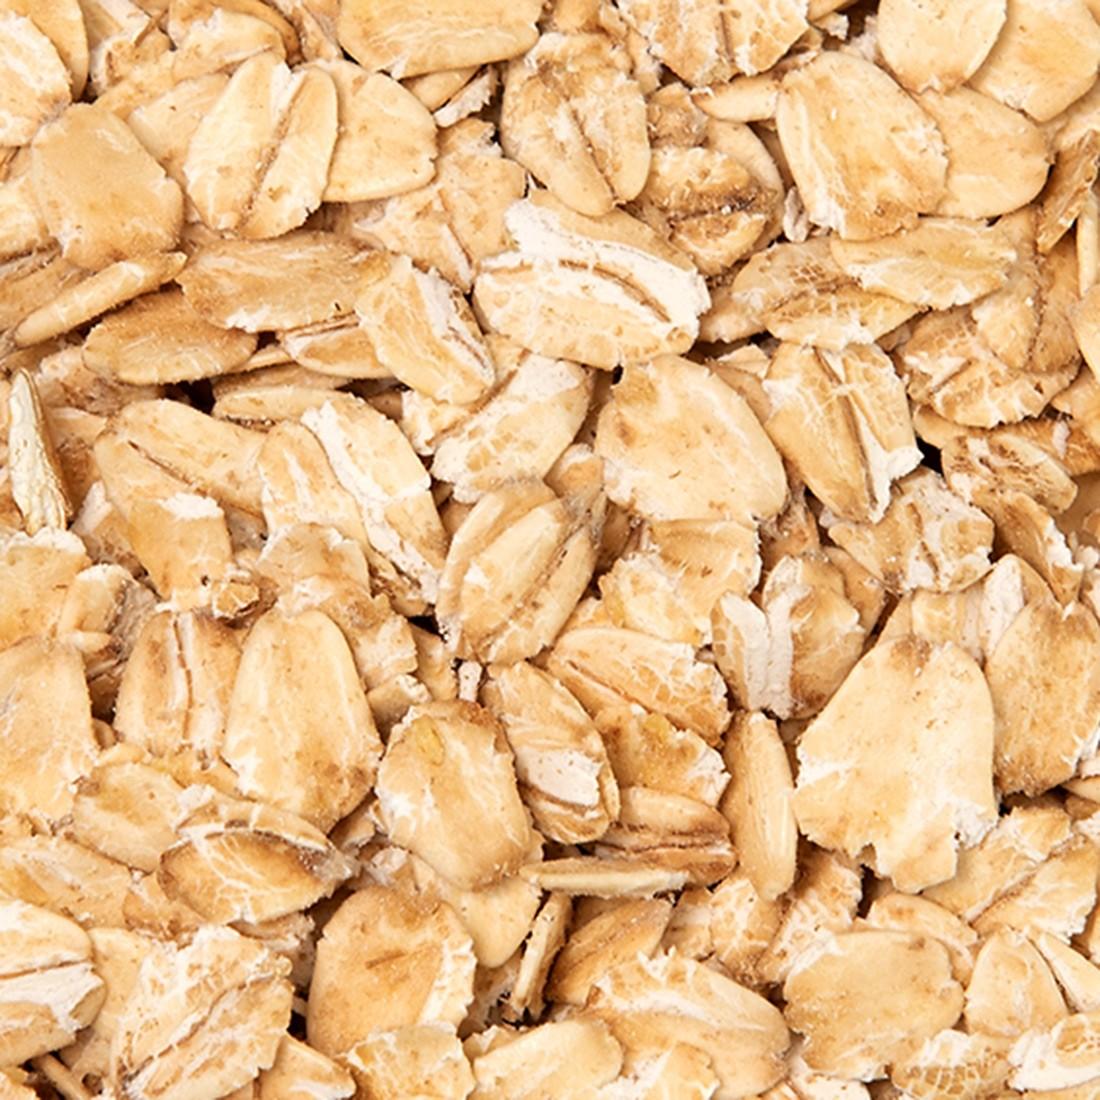 Havervlokken Bio grof zak 25kg. Natuurgroothandel